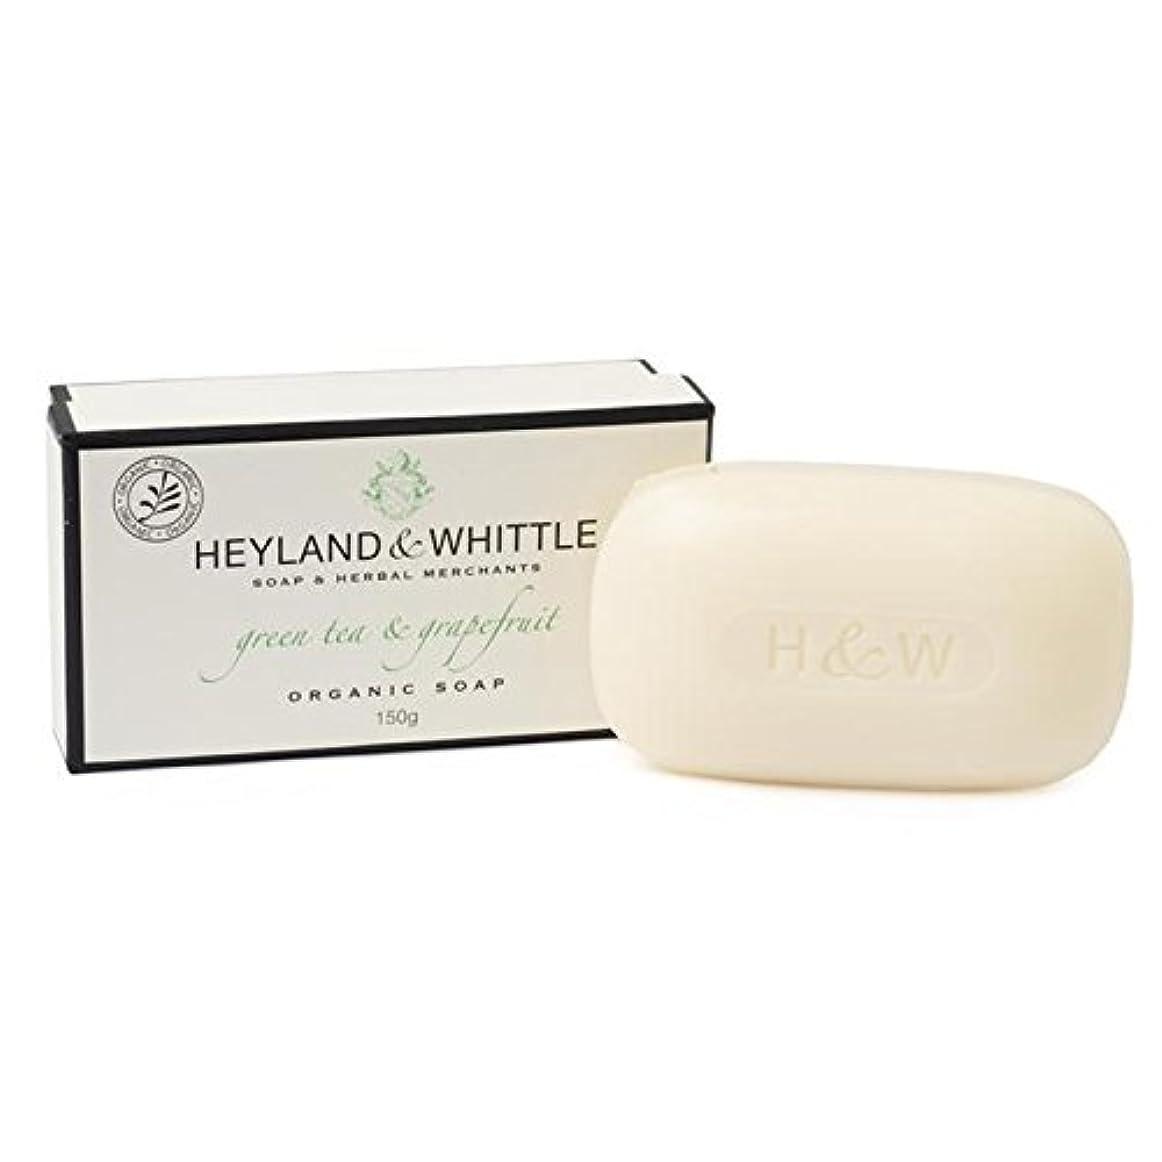 くつろぐ褒賞版Heyland & Whittle Green Tea & Grapefruit Boxed Organic Soap 150g - &削る緑茶&グレープフルーツはオーガニックソープ150グラム箱入り [並行輸入品]